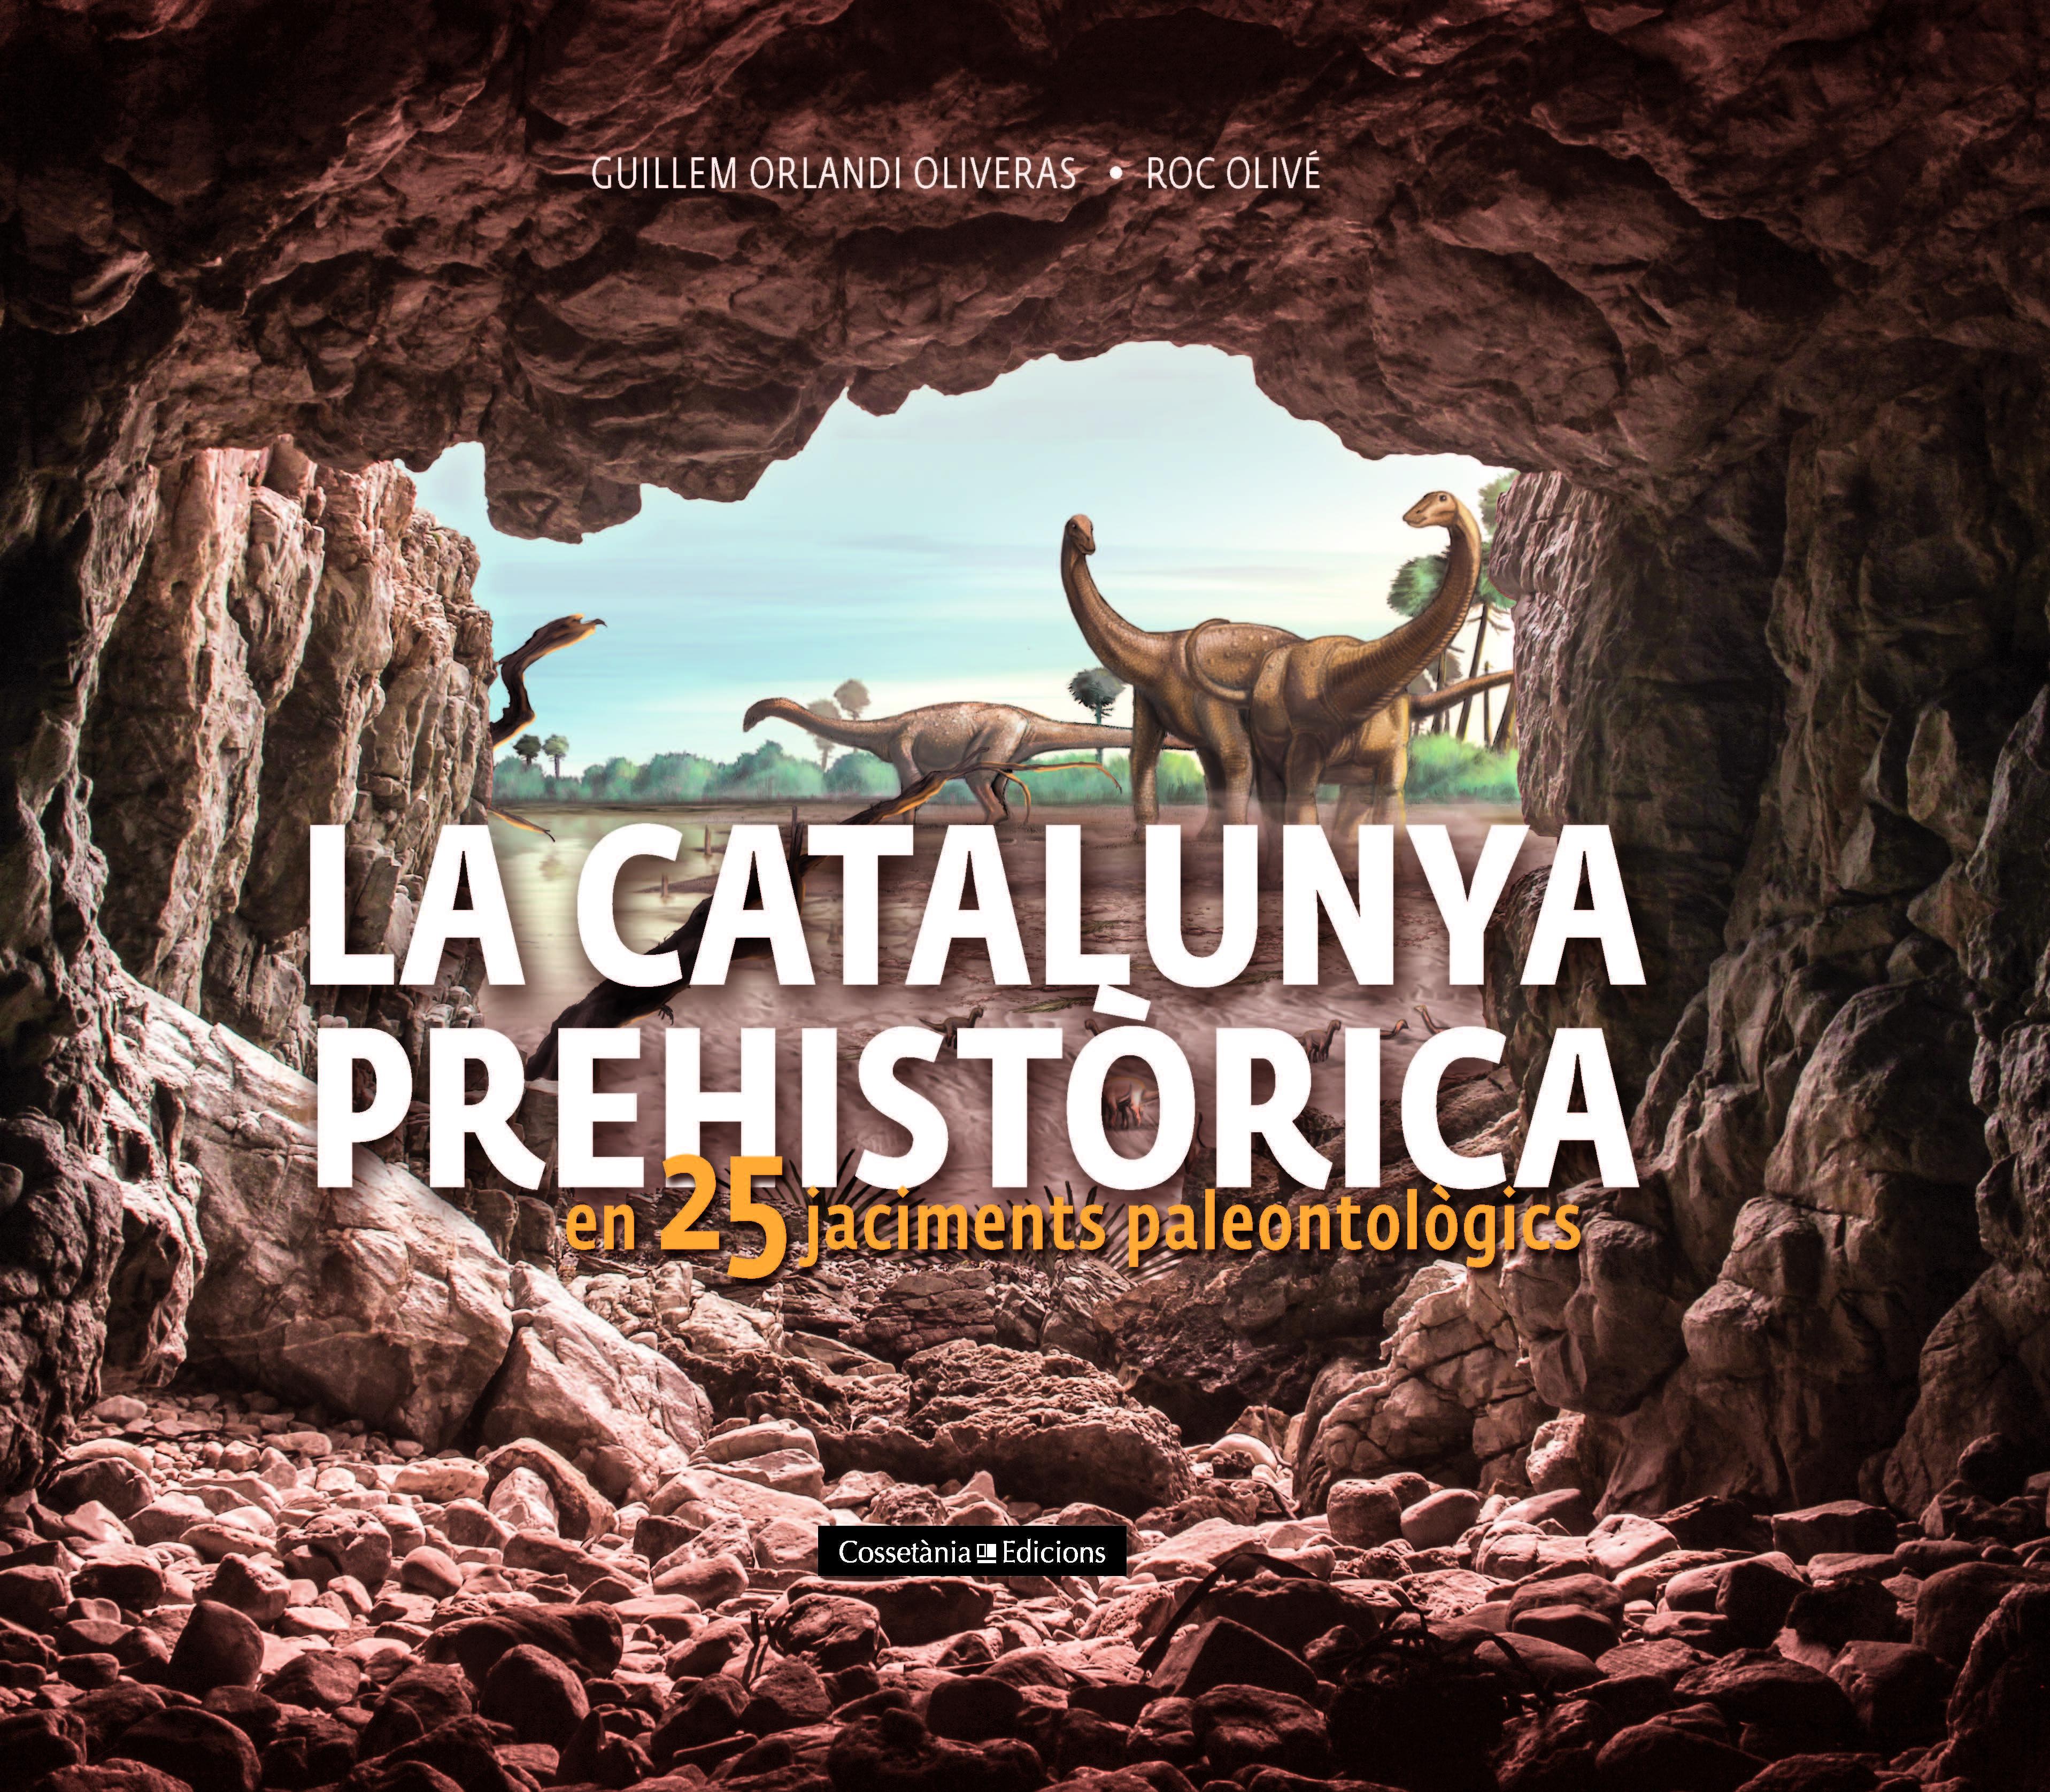 CATALUNYA PREHIST0RICA EN 25 JACIMENTS PALEONTO